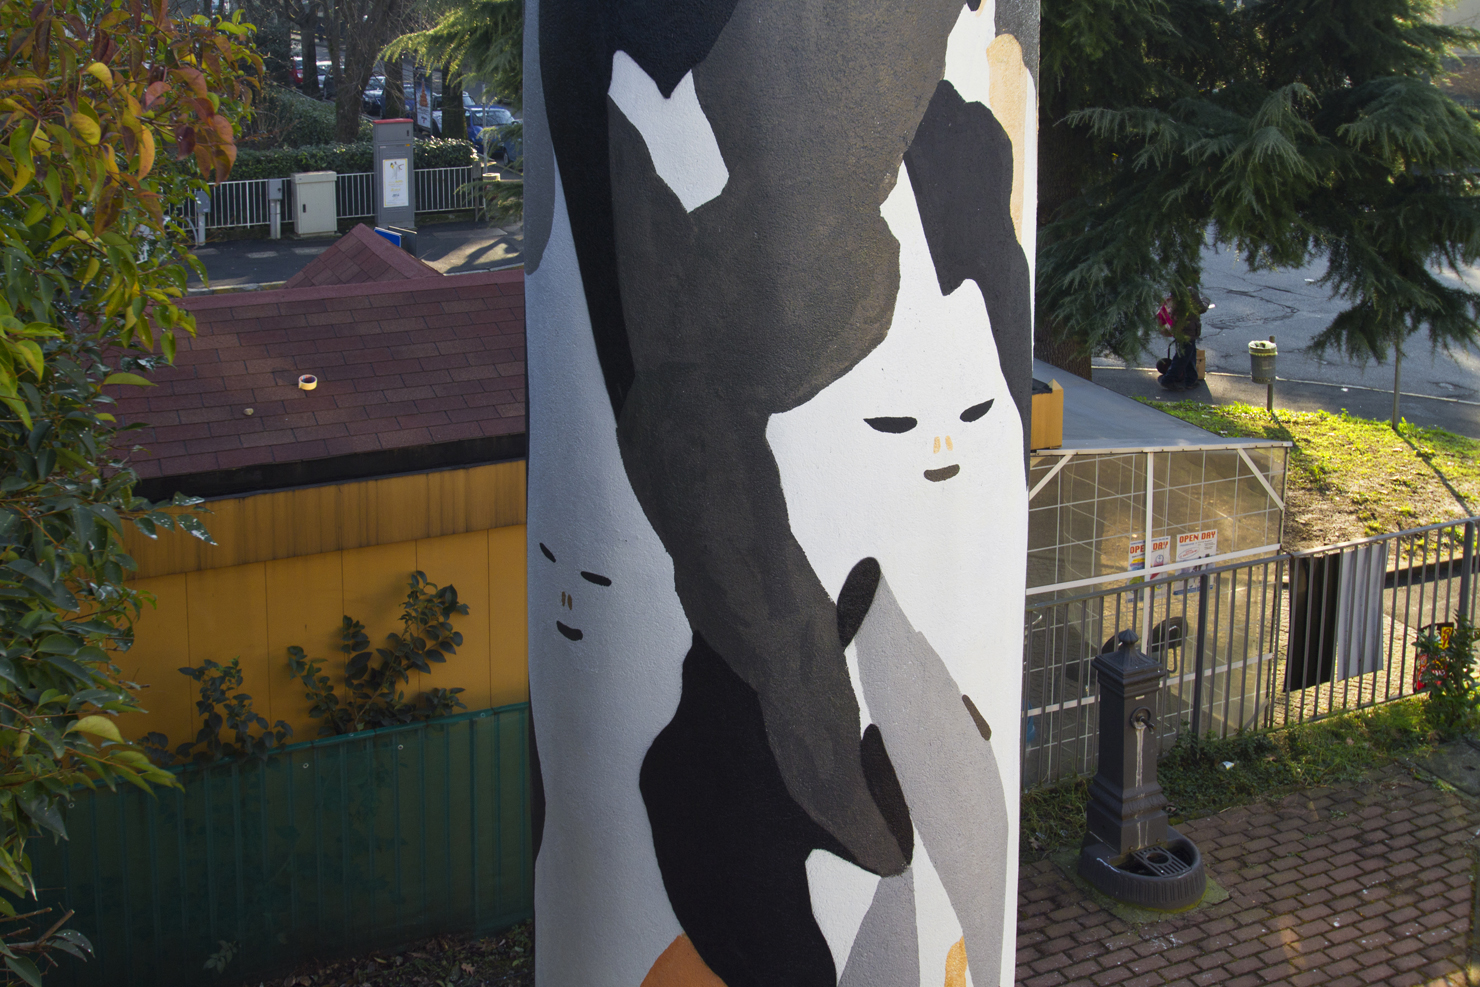 giorgio-bartocci-new-mural-in-monza-16